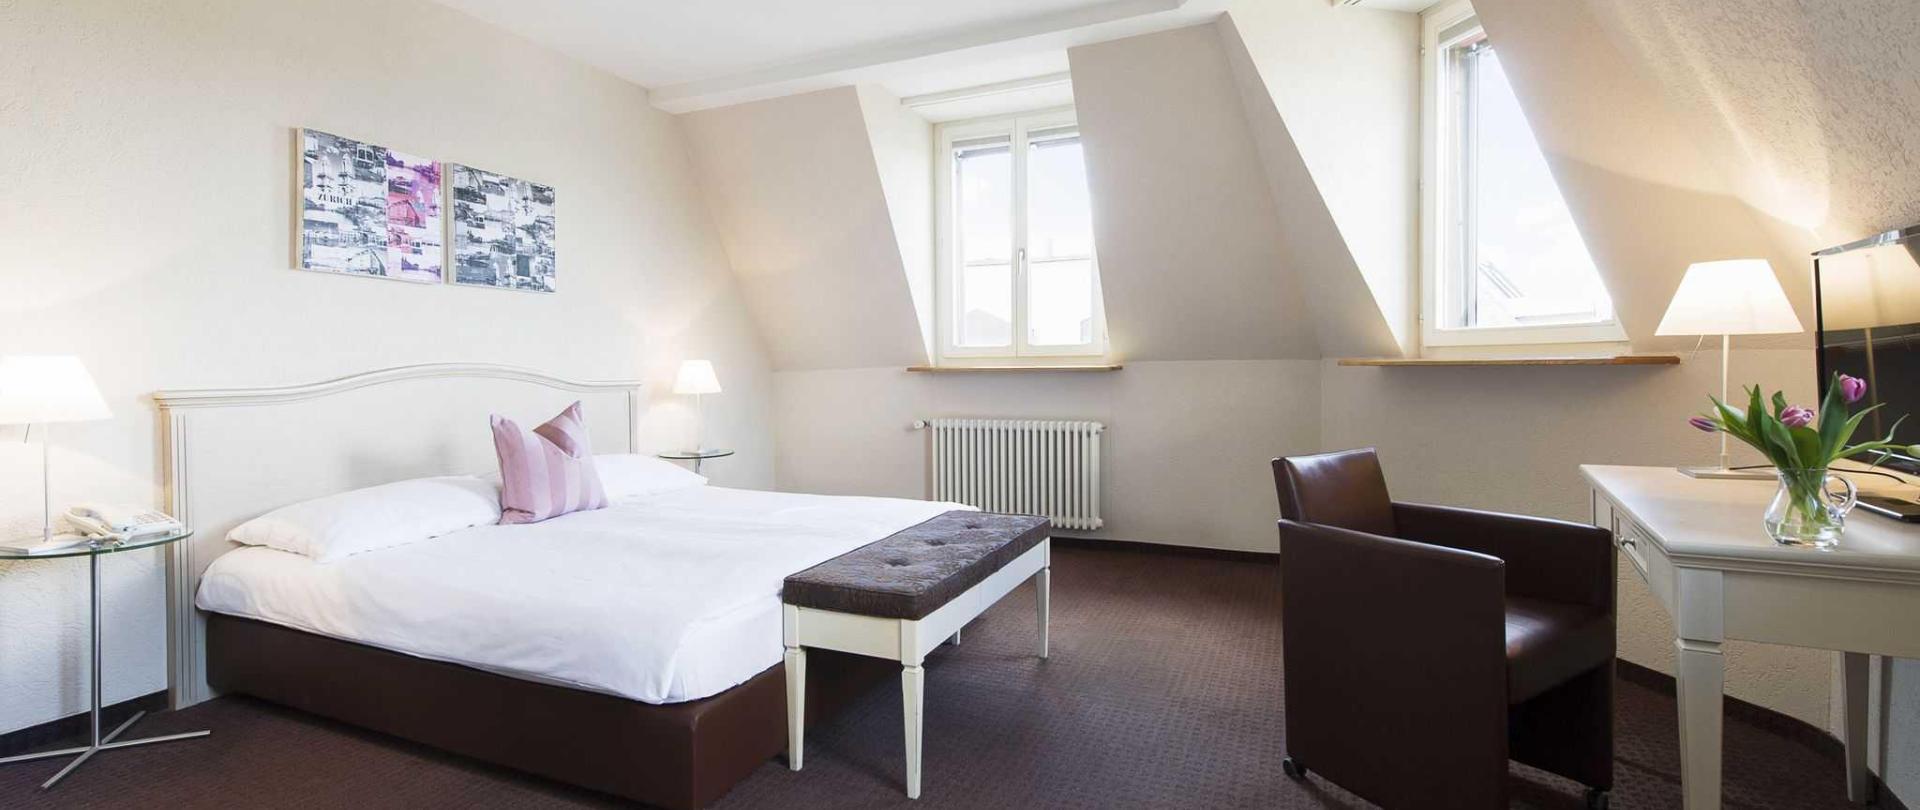 1504-hotel-neufeld-252.jpg